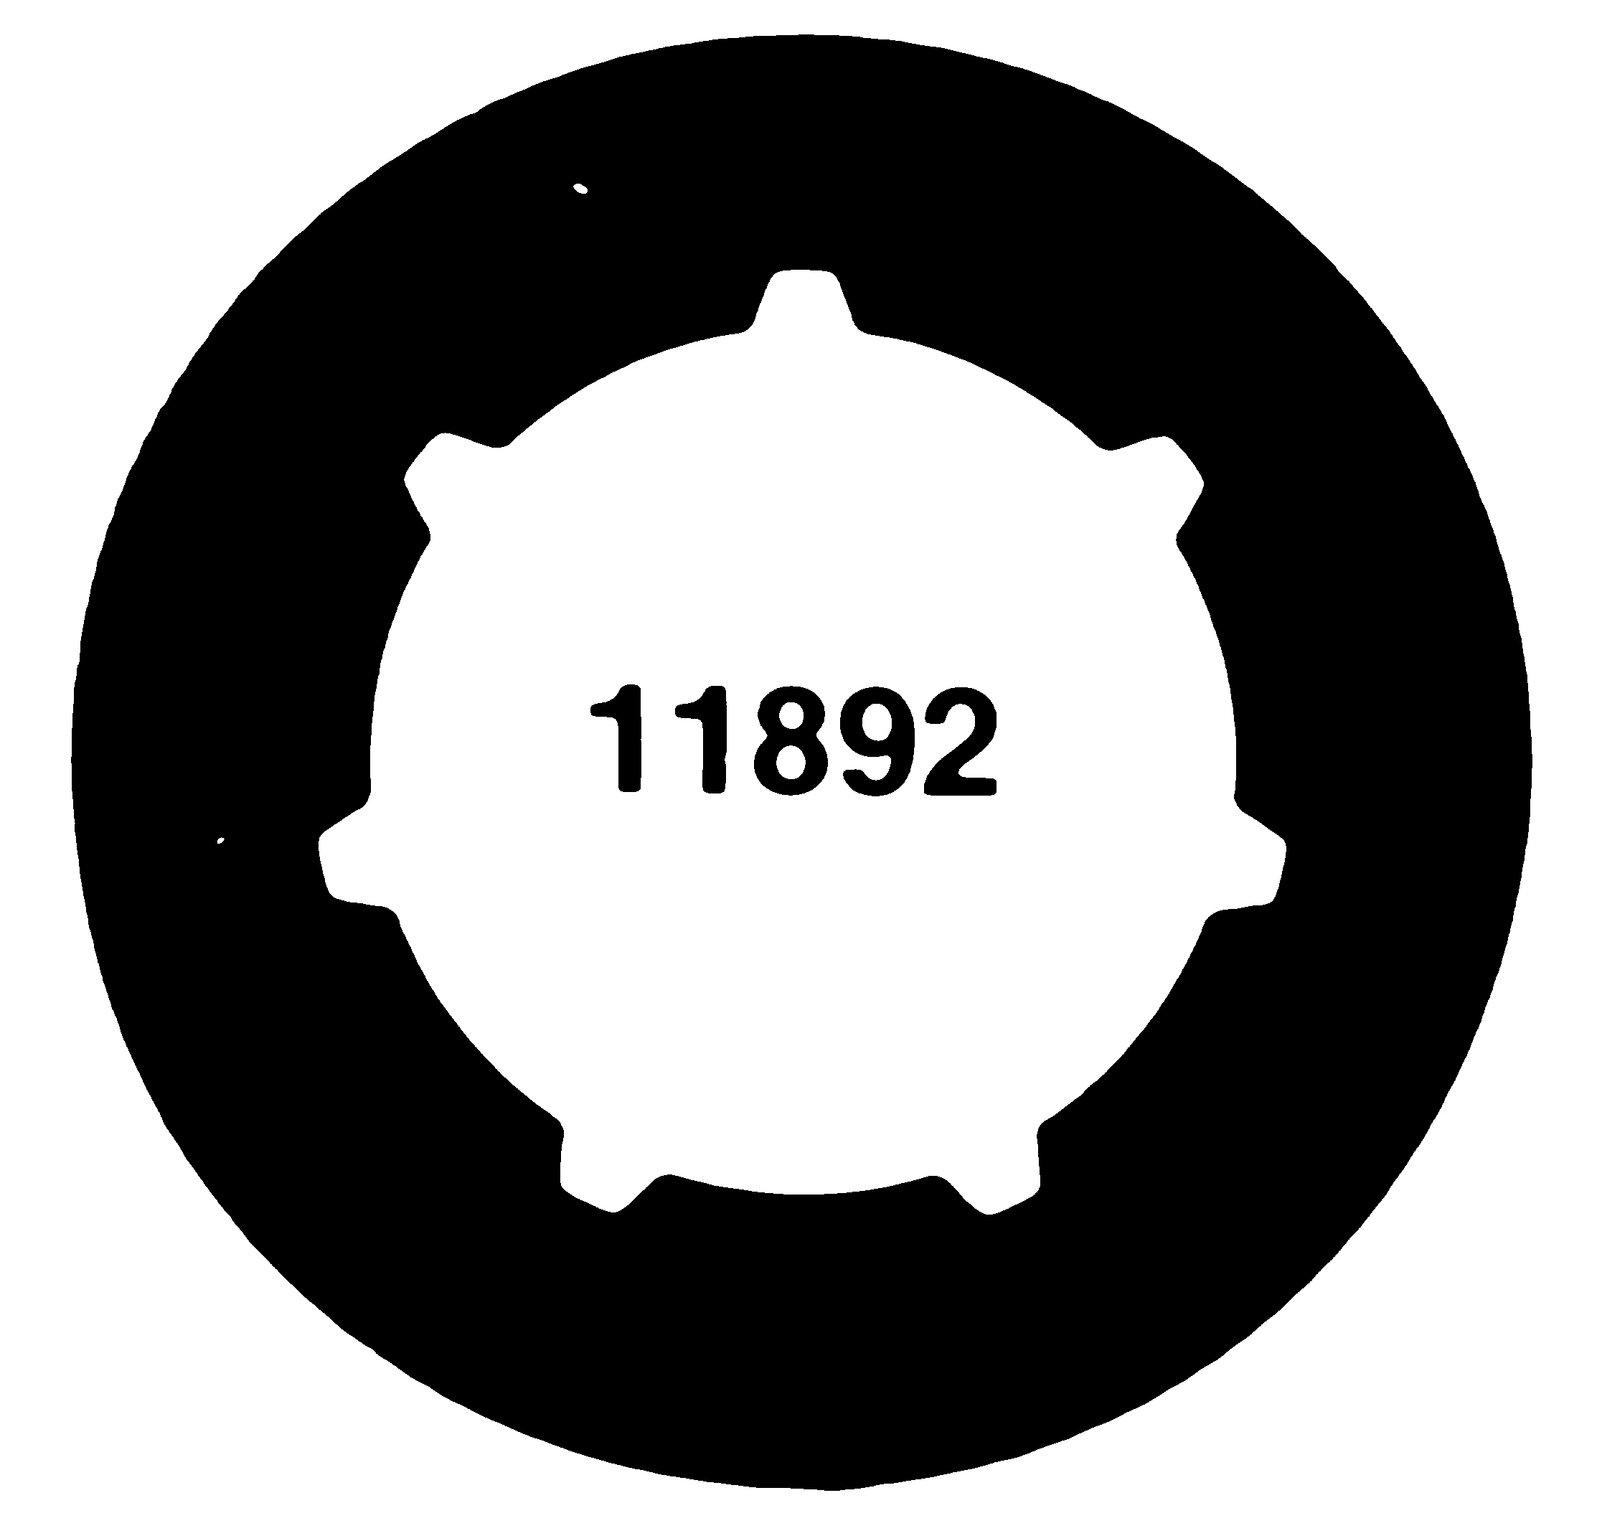 Bague flottante pignon de tronçonneuse 7 dents .325″ – Oregon 11892